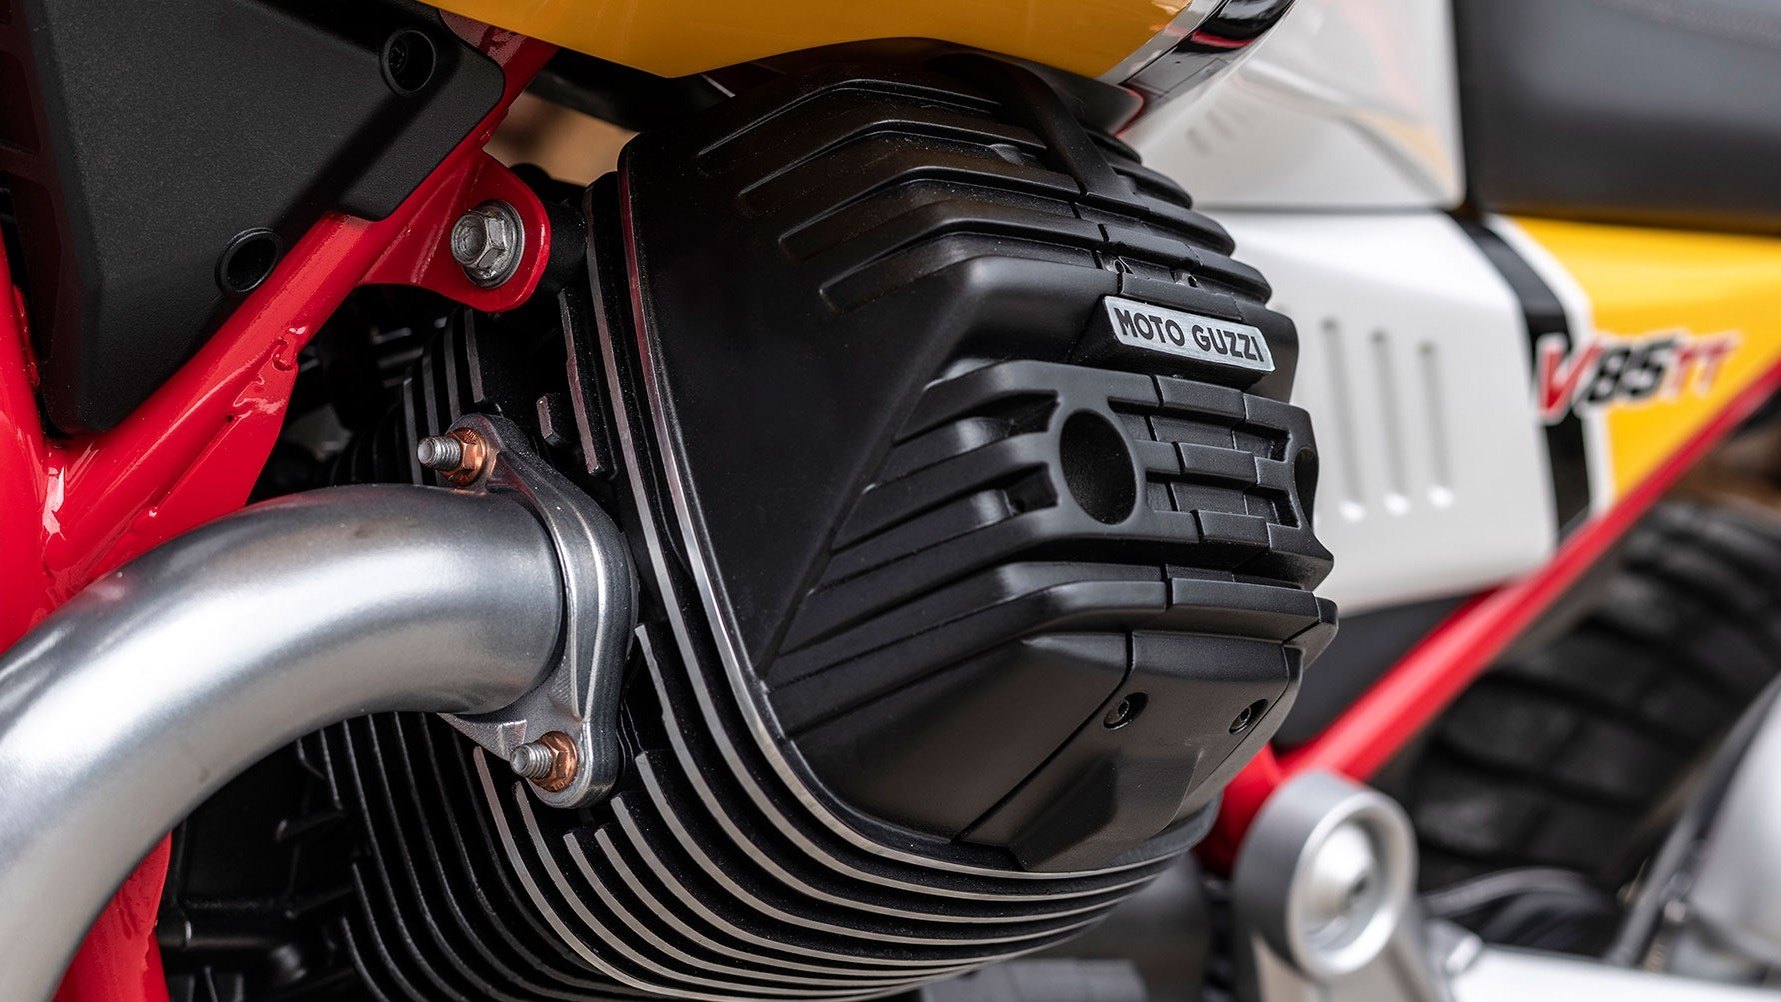 Foto de Moto Guzzi V85 TT 2019 (7/8)